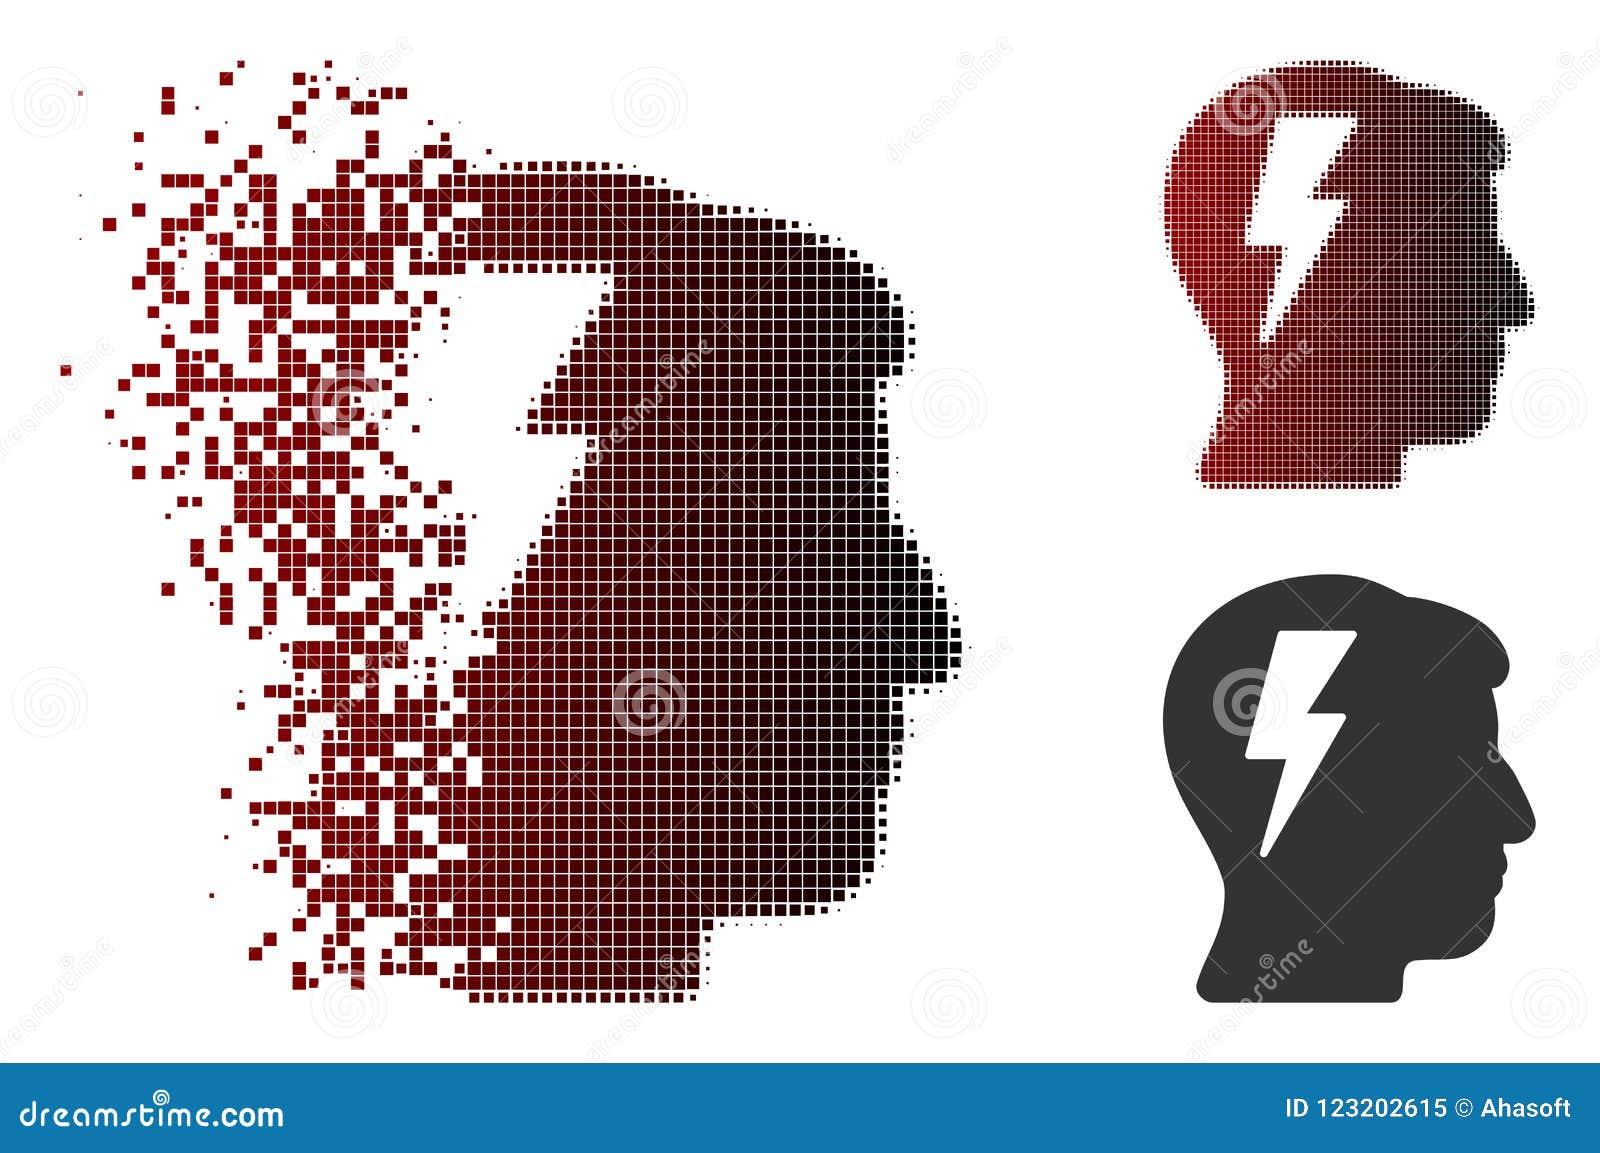 Признаки перегорания пикселей картинки самых простых